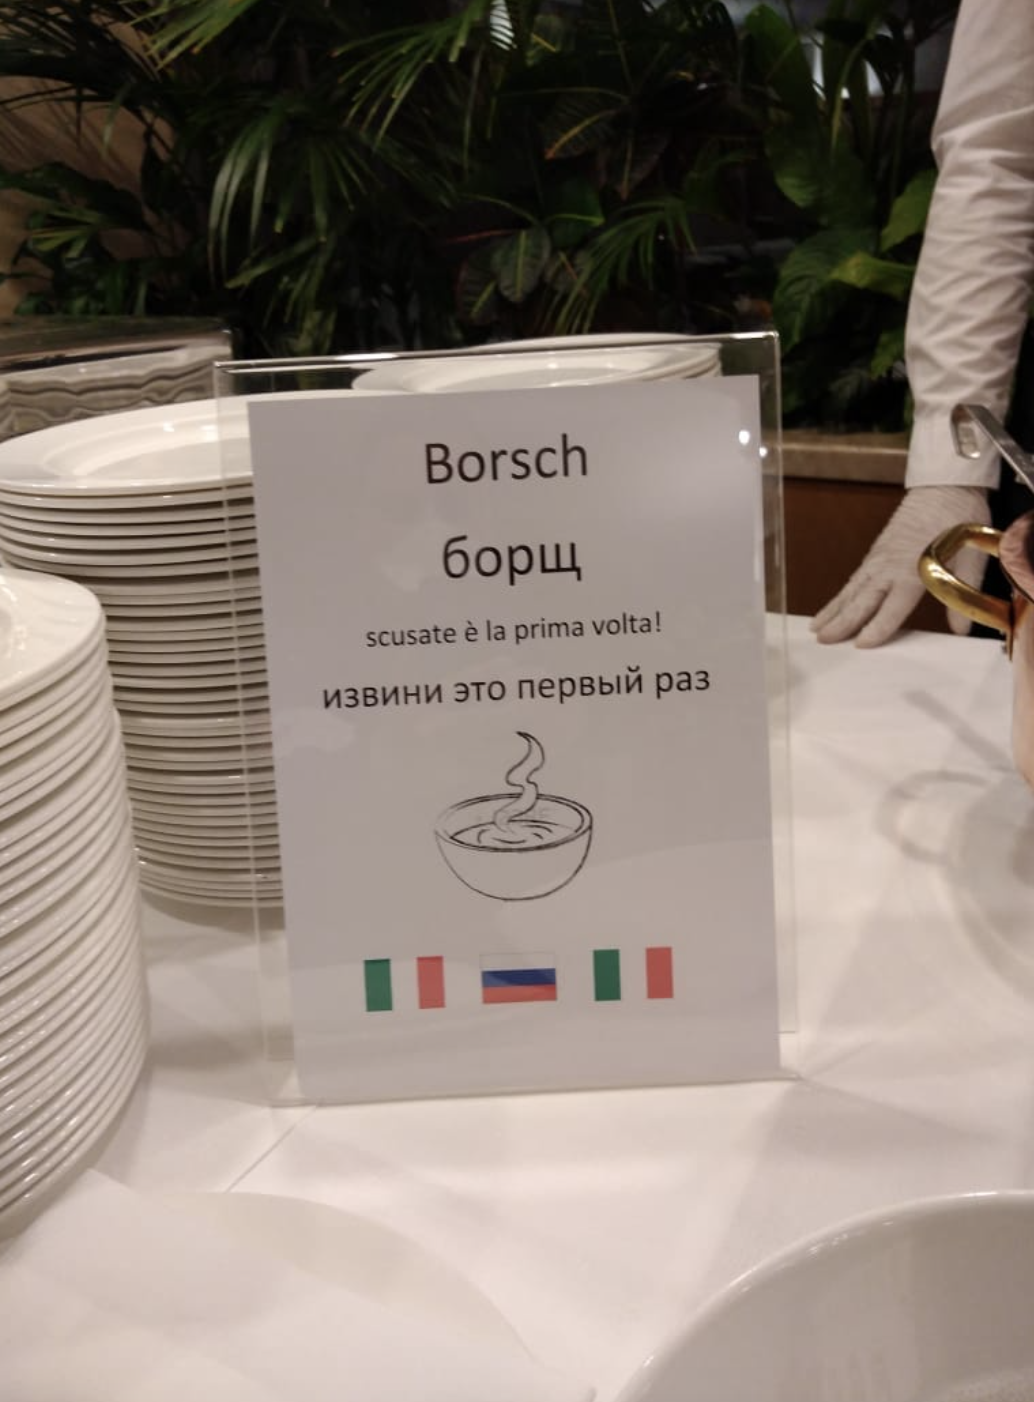 Российских врачей накормили борщом вИталии. Всоцсетях все радуются этому | Канобу - Изображение 624